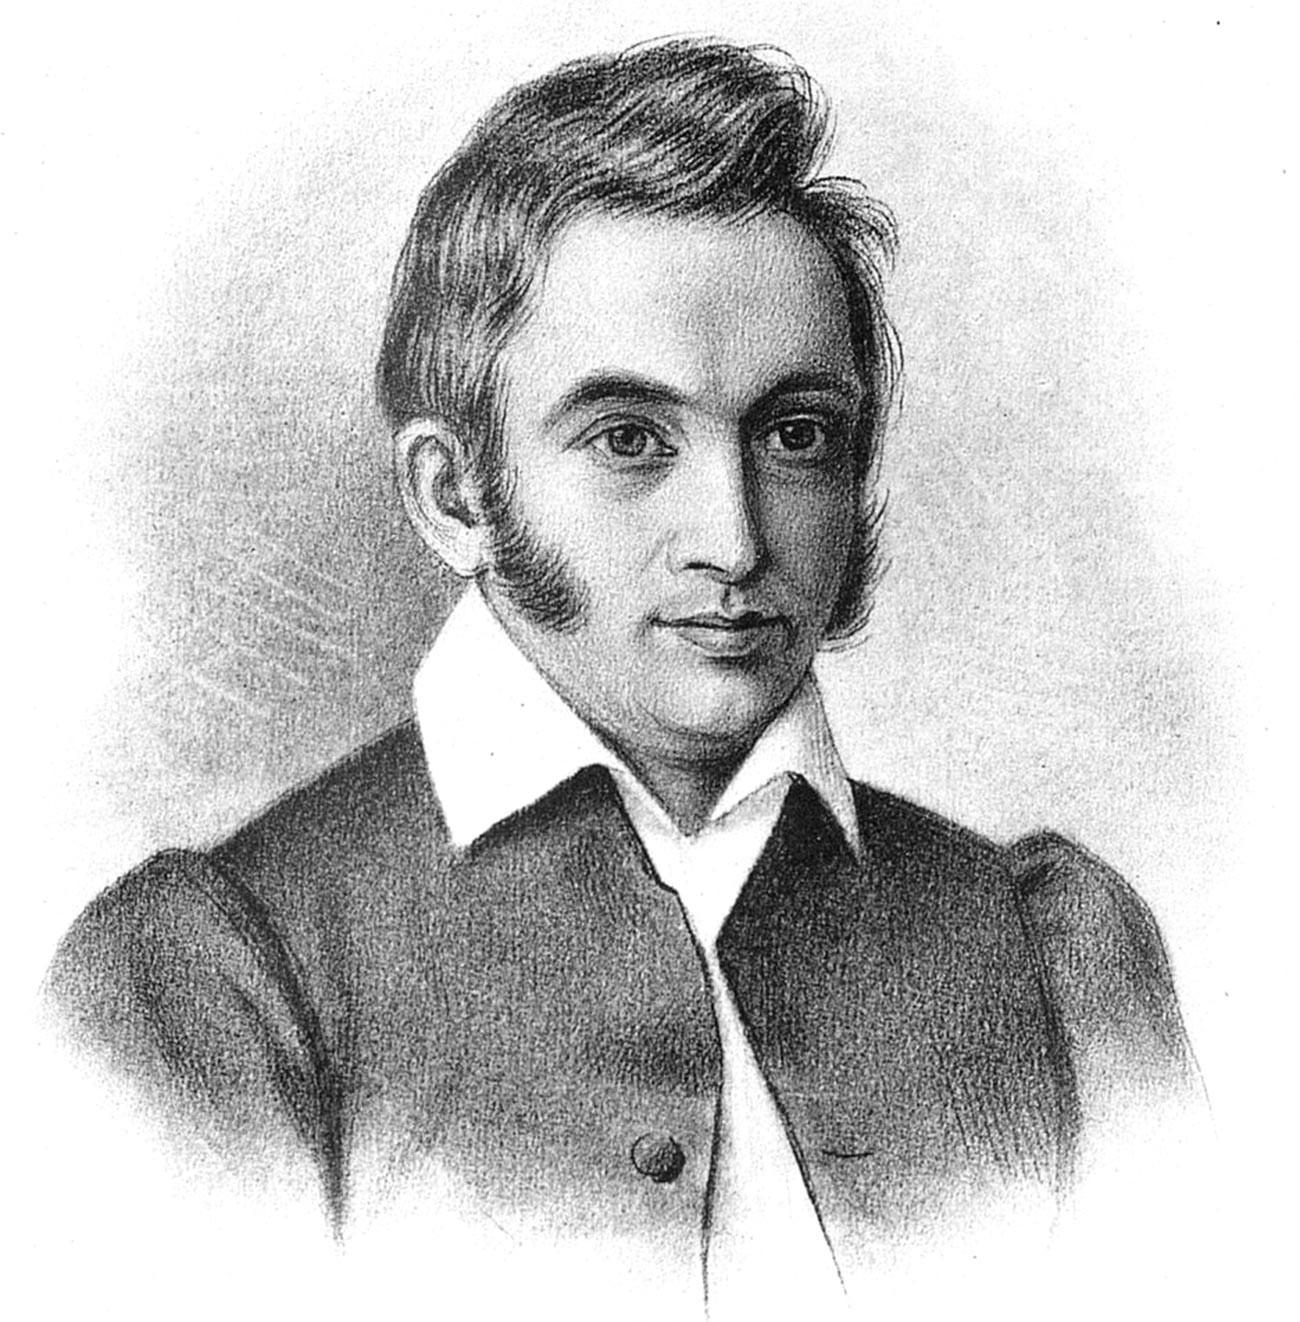 ニキータ・ムラヴィヨフ